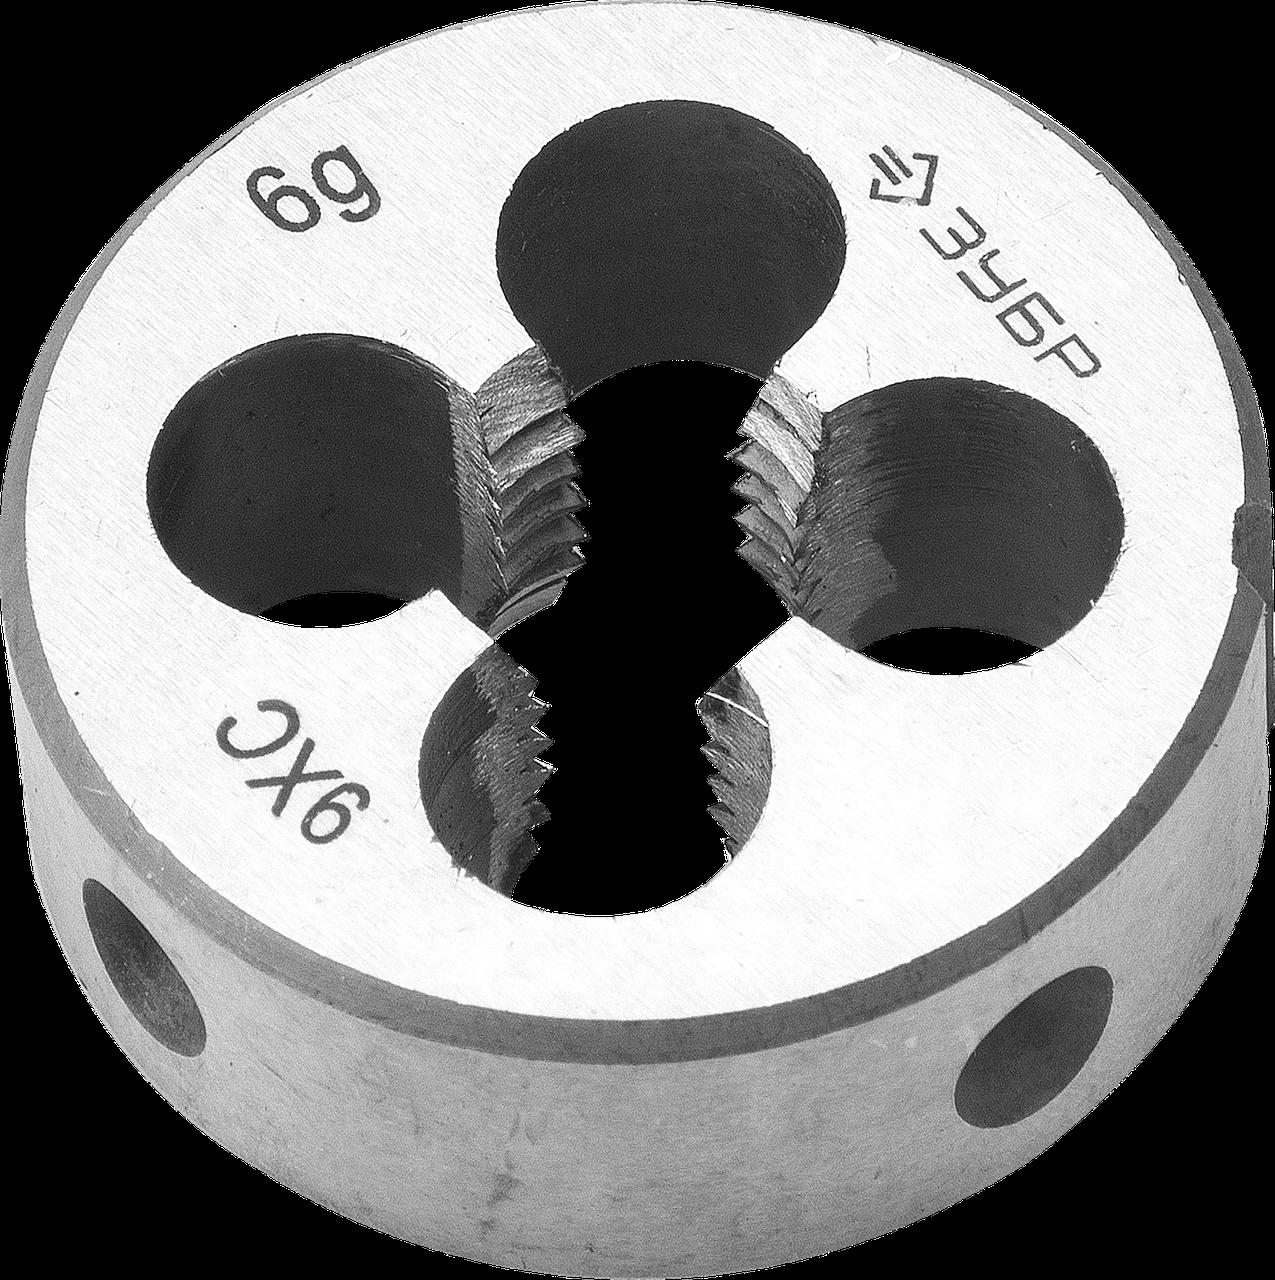 ЗУБР М4x0.7мм, плашка, сталь 9ХС, круглая ручная М5, 7, 0.8